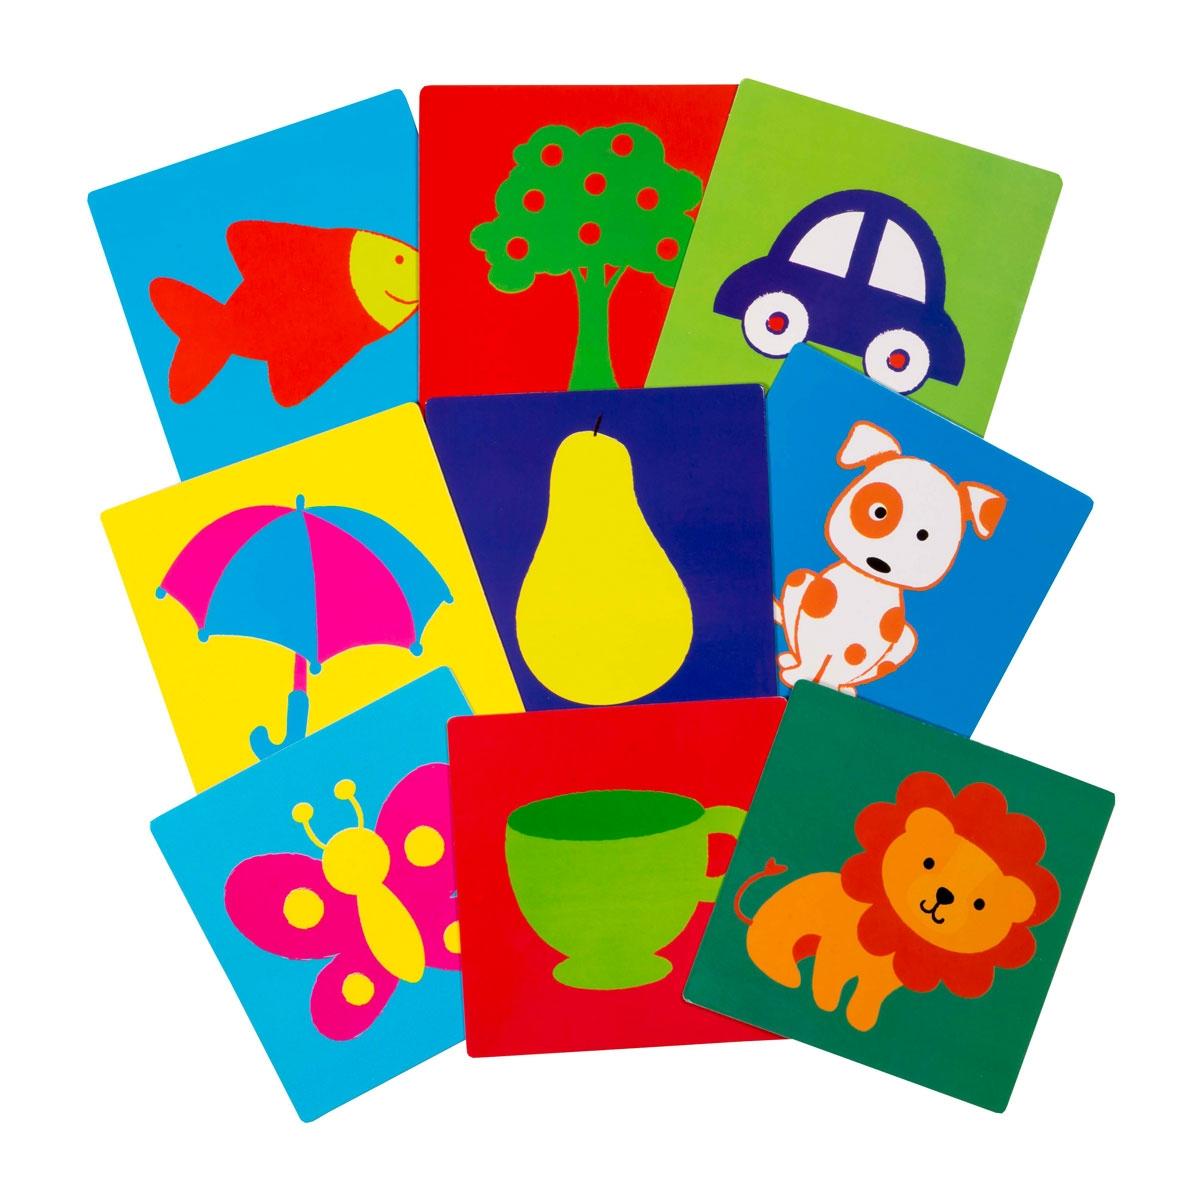 6-12 Aylık Bebeğim için Akıllı Kartlar